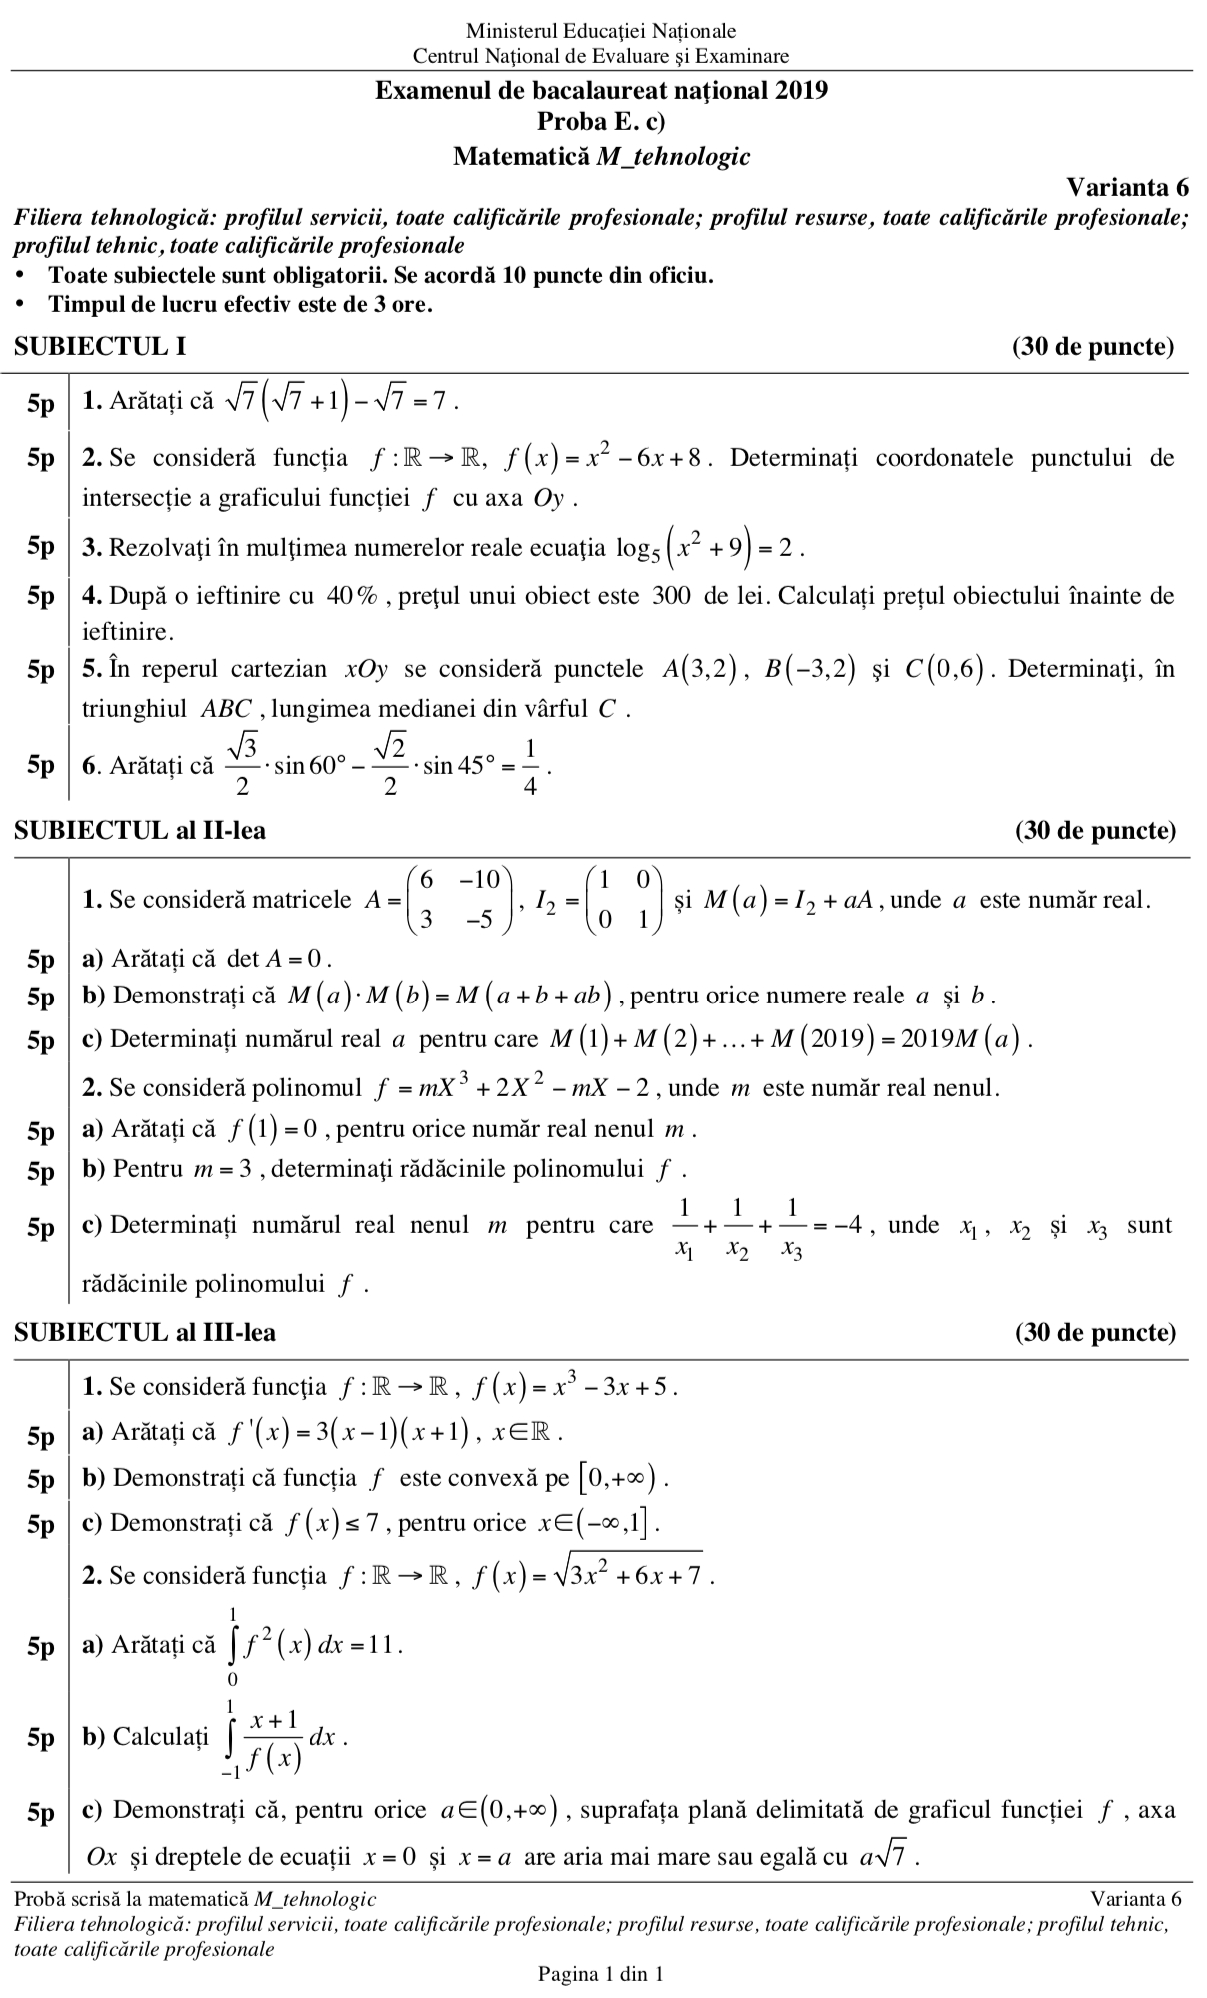 Desenarea graficelor cu funcții matematice cu asistent matematic în OneNote - OneNote